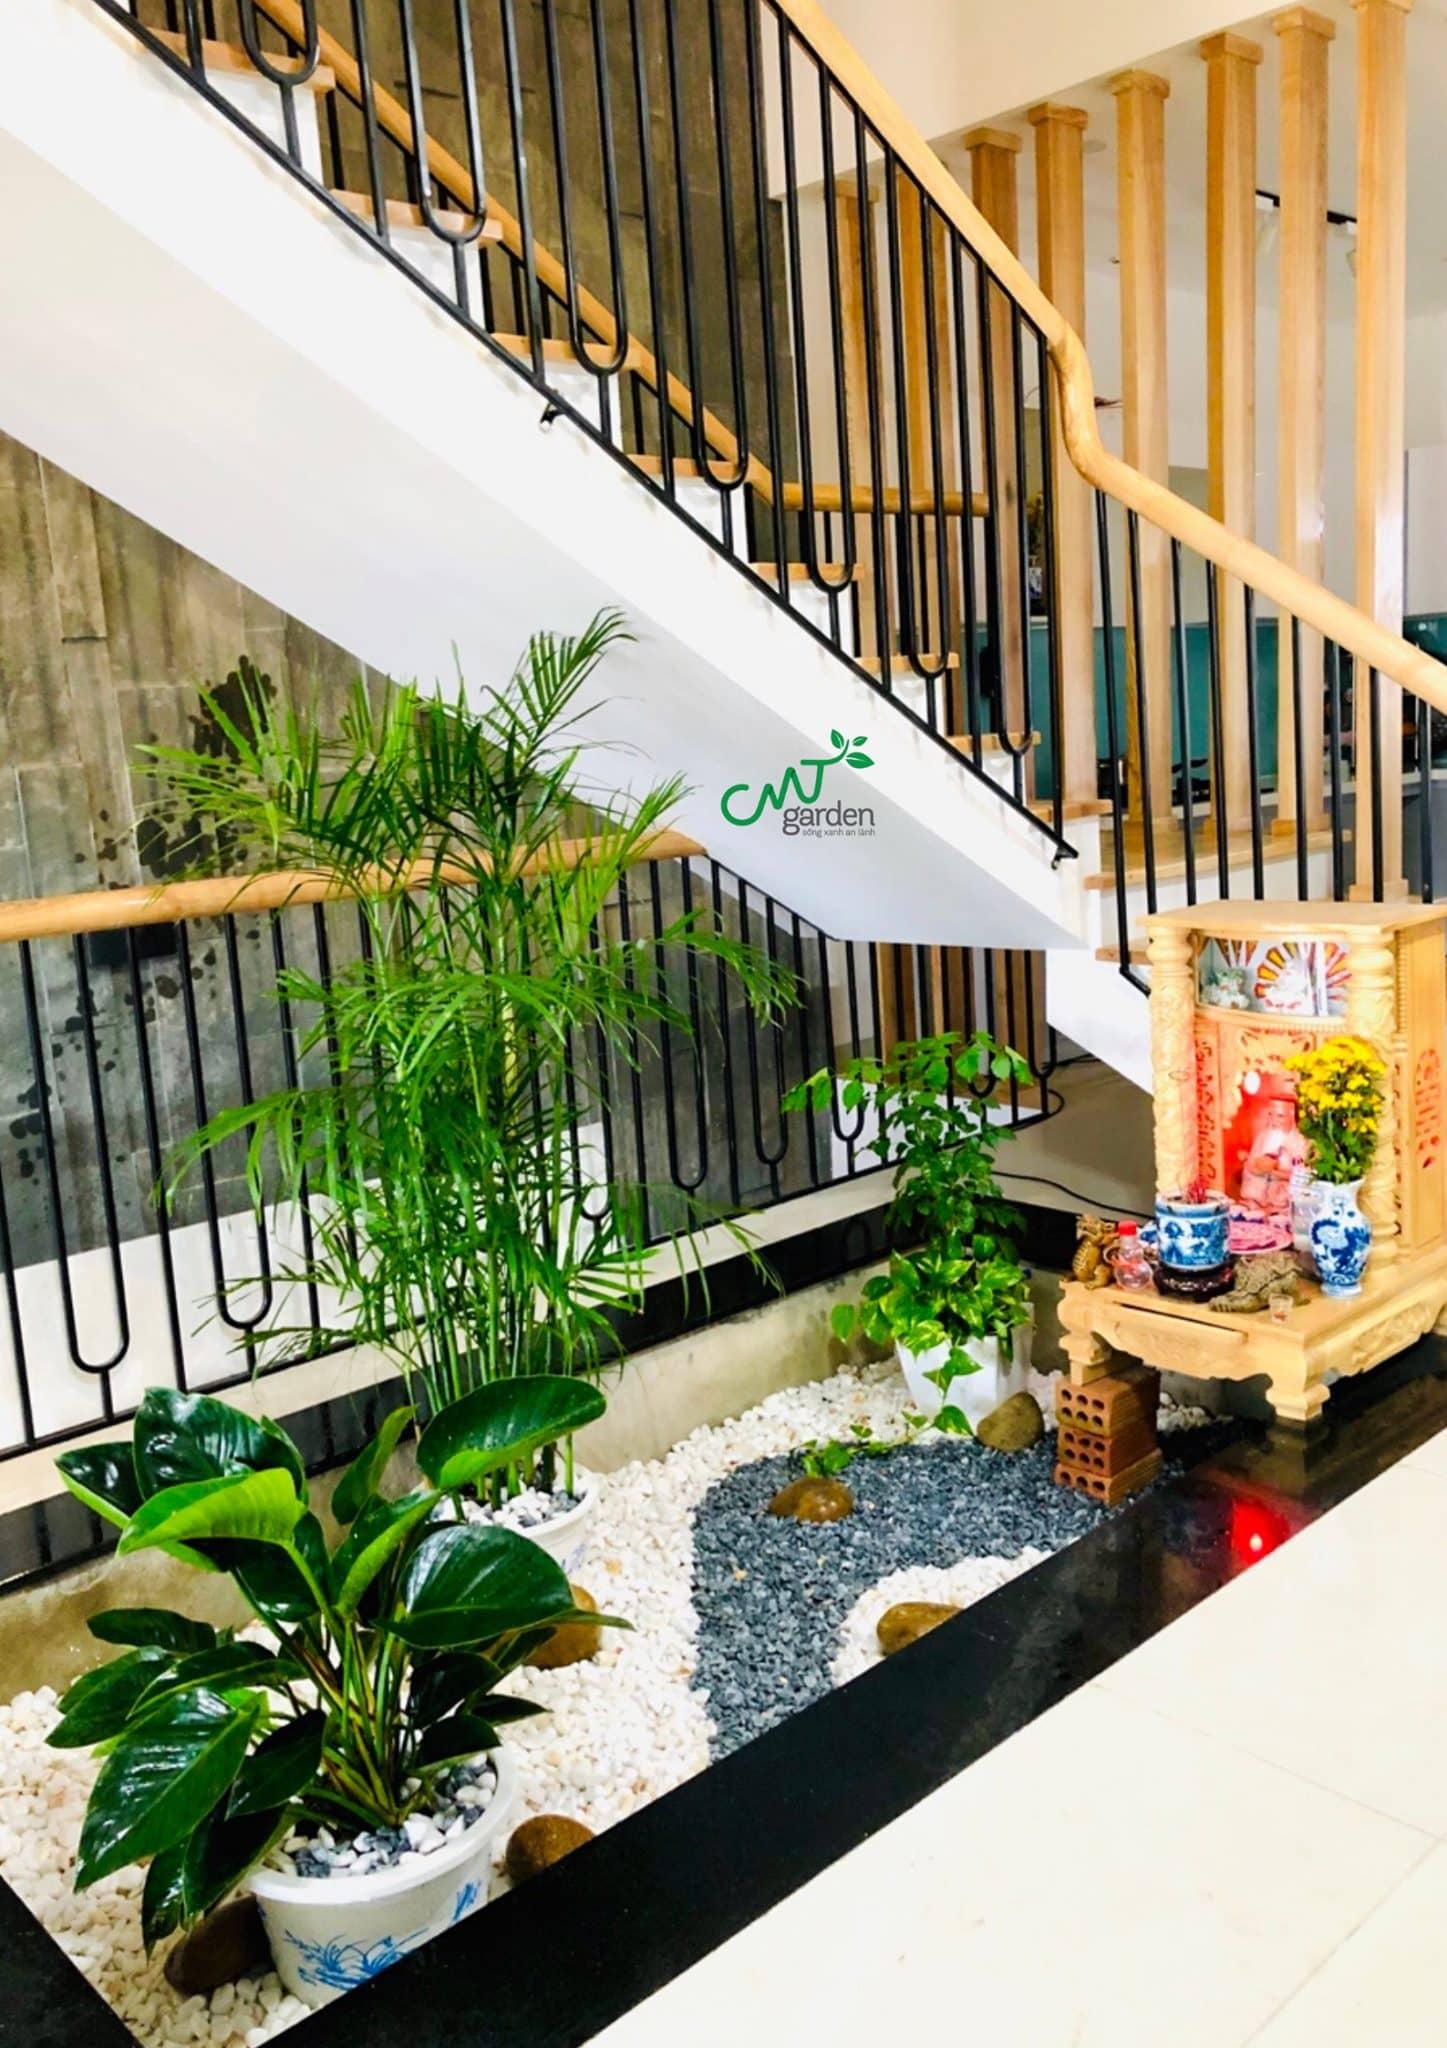 Phần cầu thang được thiết kế theo đúng phong cách Organic